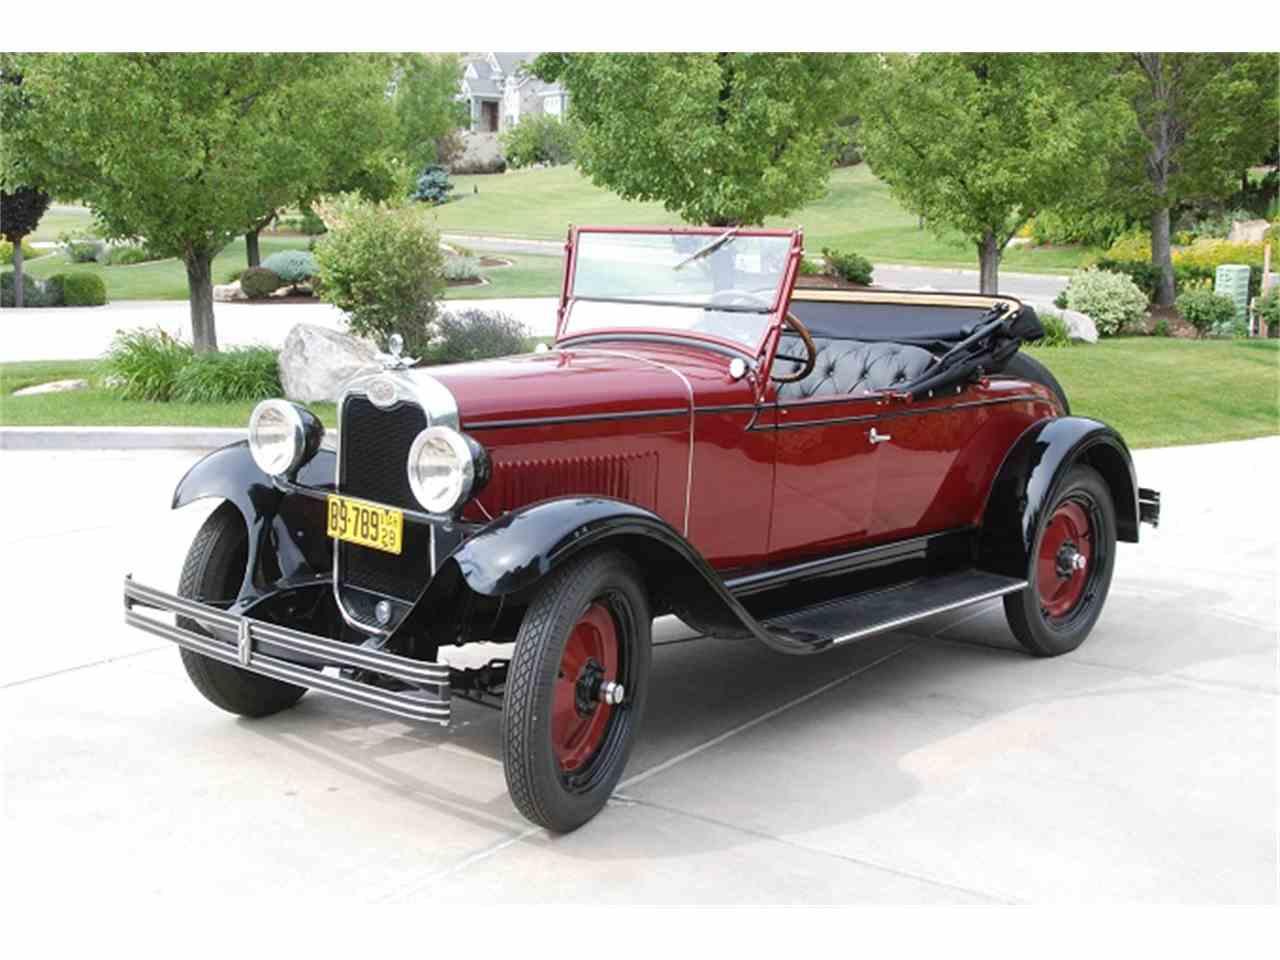 1928 シボレー ロードスター